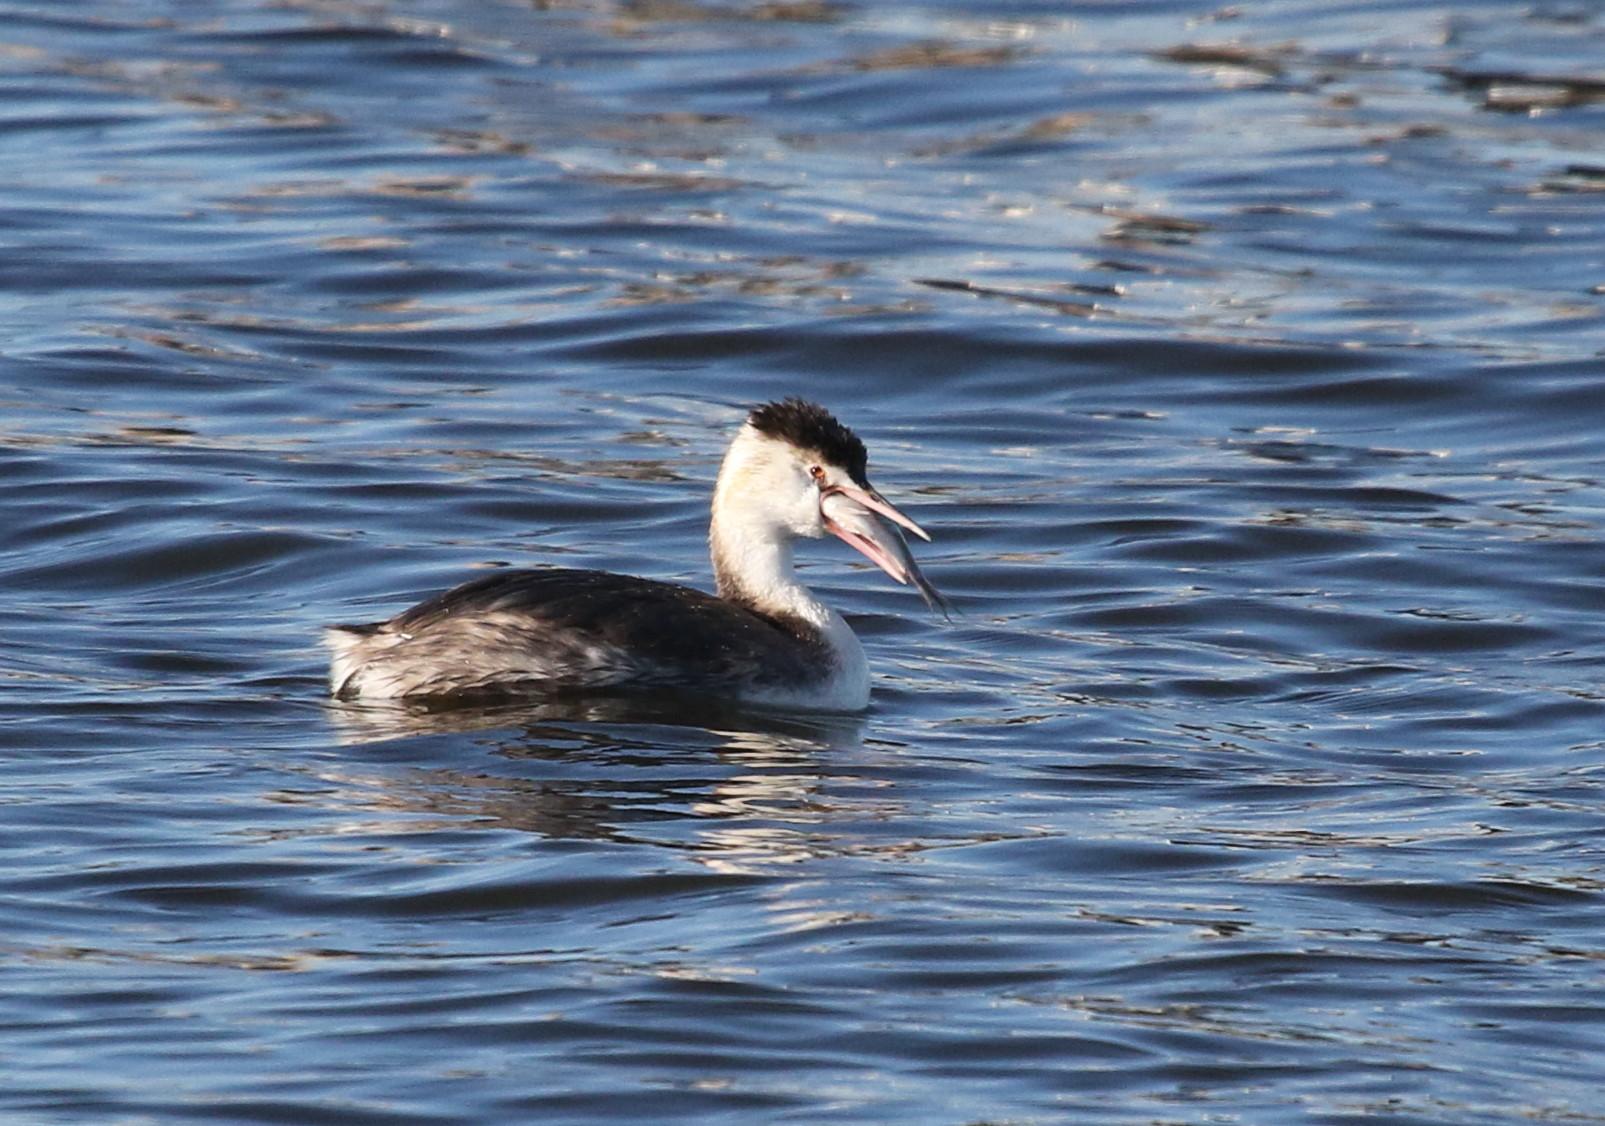 MFの沼で鳥たちの食事場面を見る事ができました_f0239515_17275751.jpg